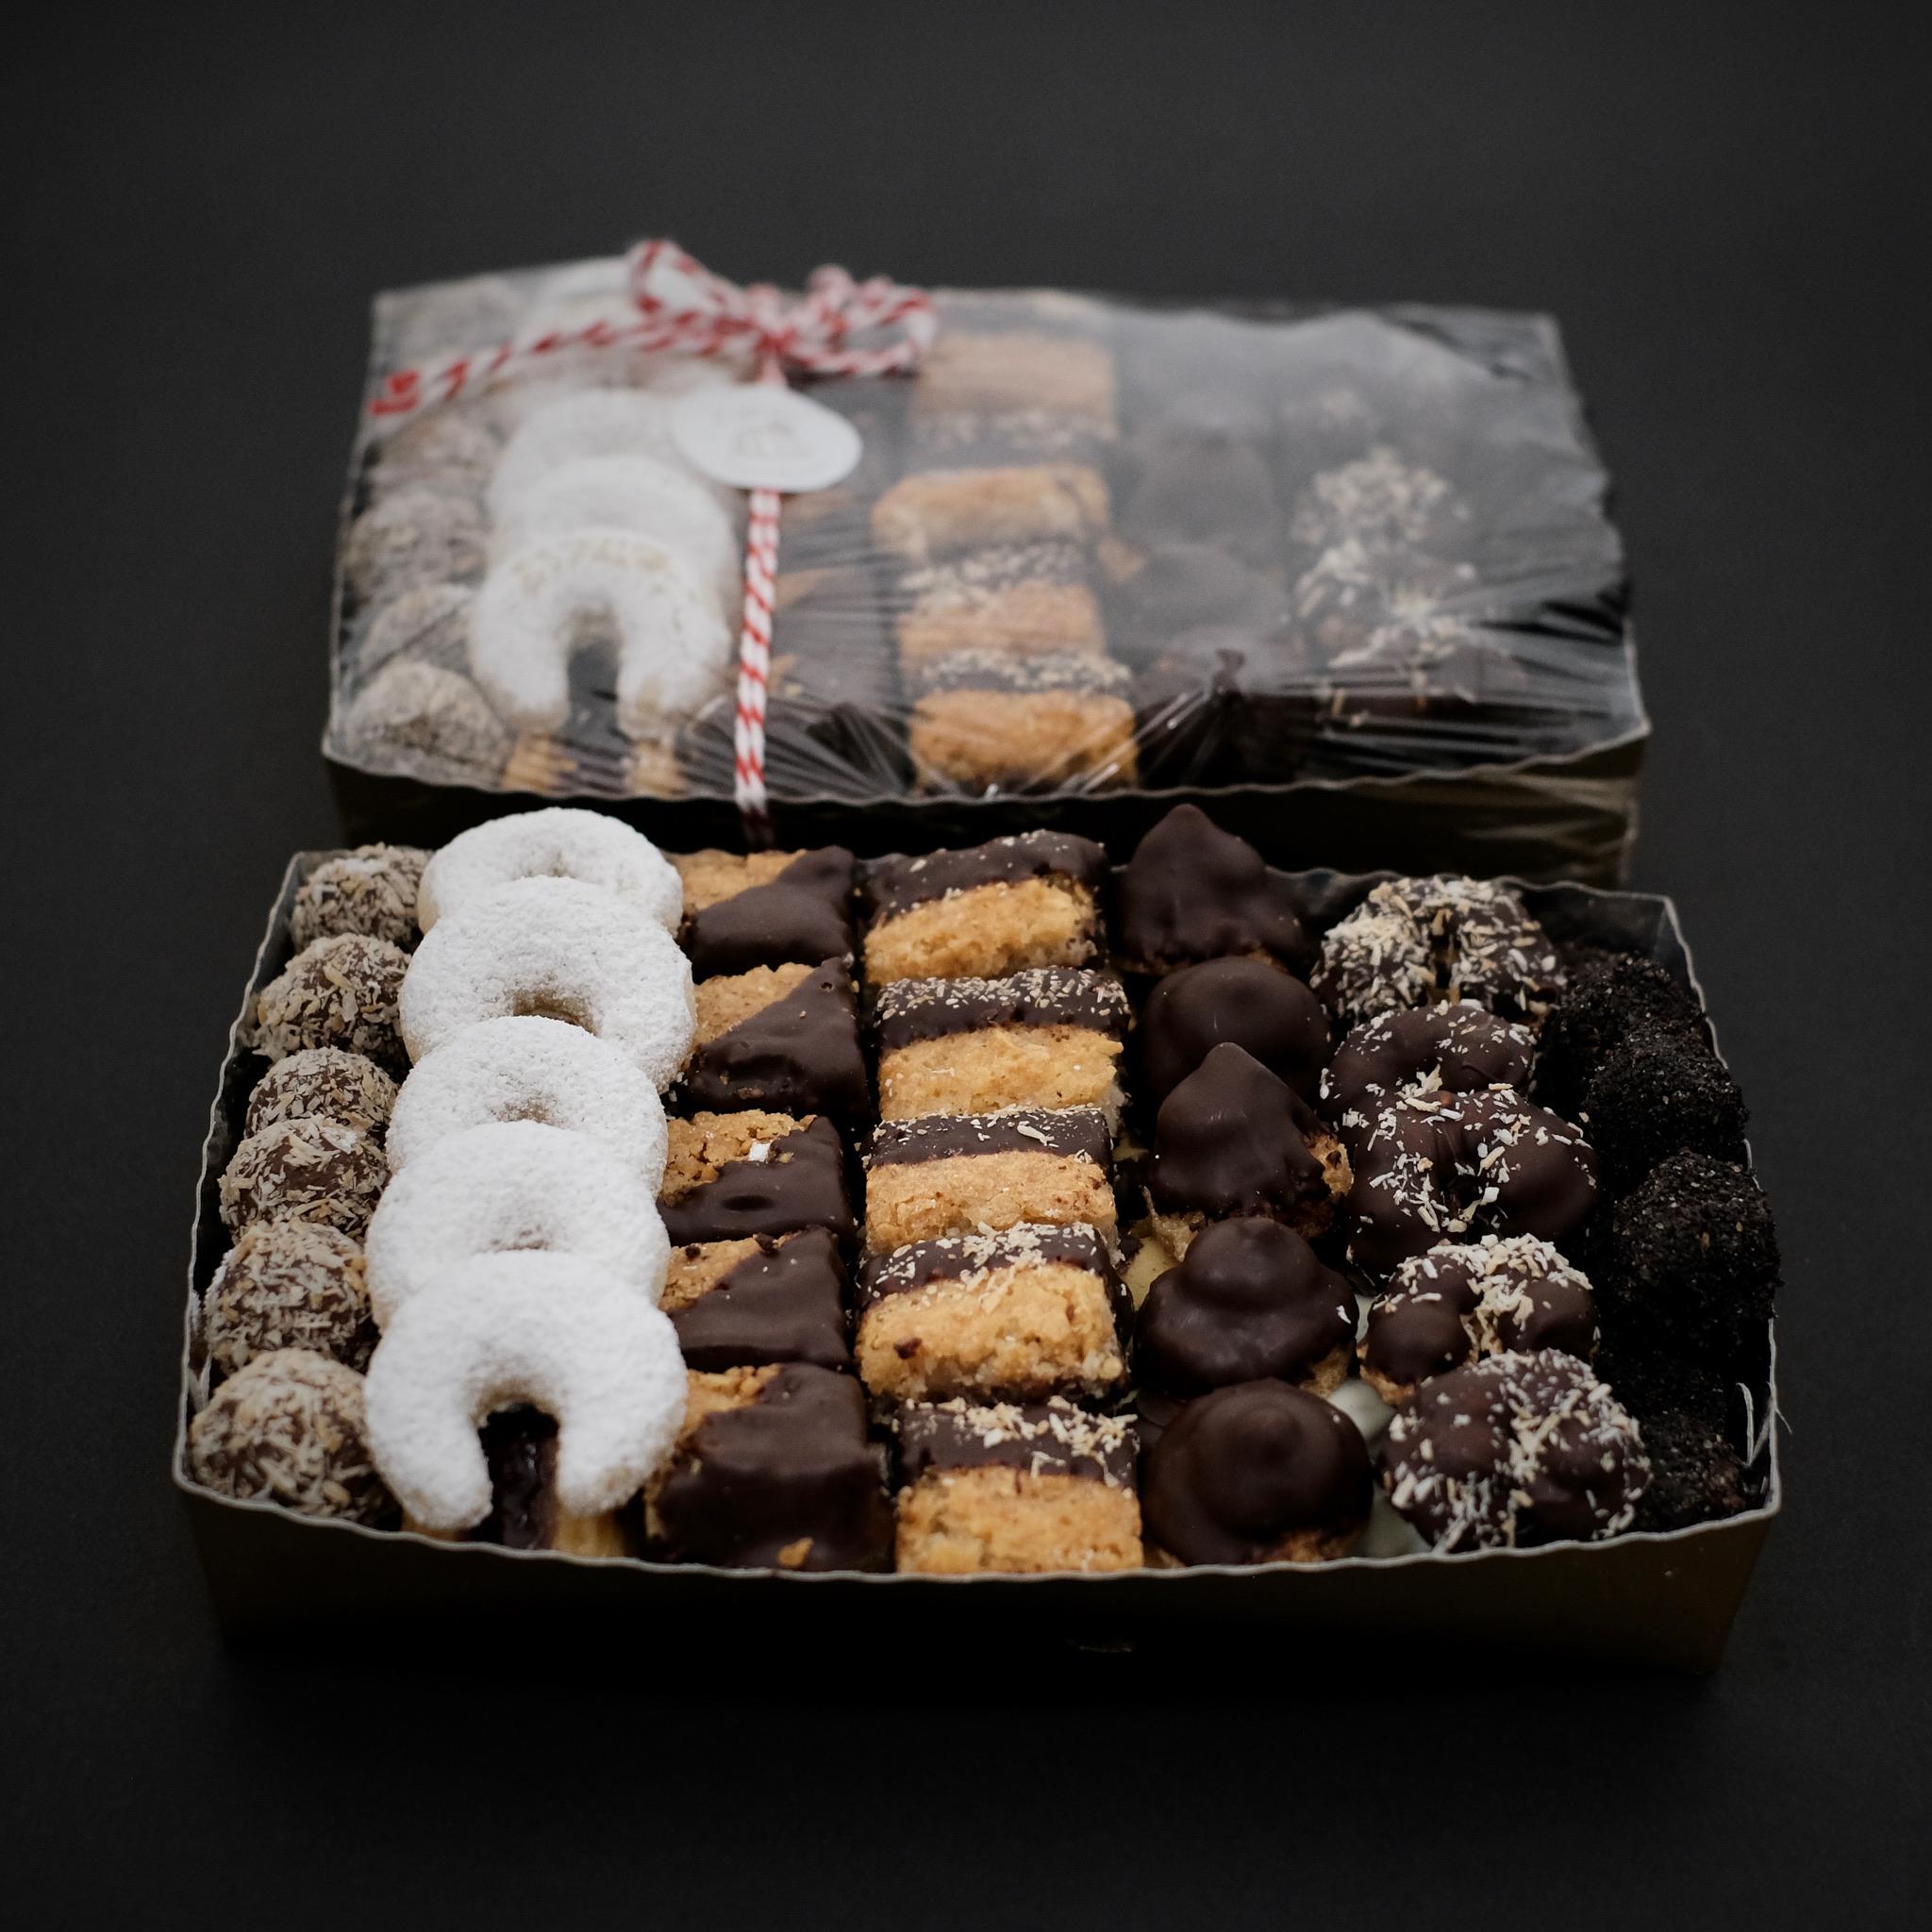 Rumkugeln, Vanillekipferl - Weihnachtskekse aus Salzburg kann man auch bequem online bestellen © Viktoria Zuckerbäckerei